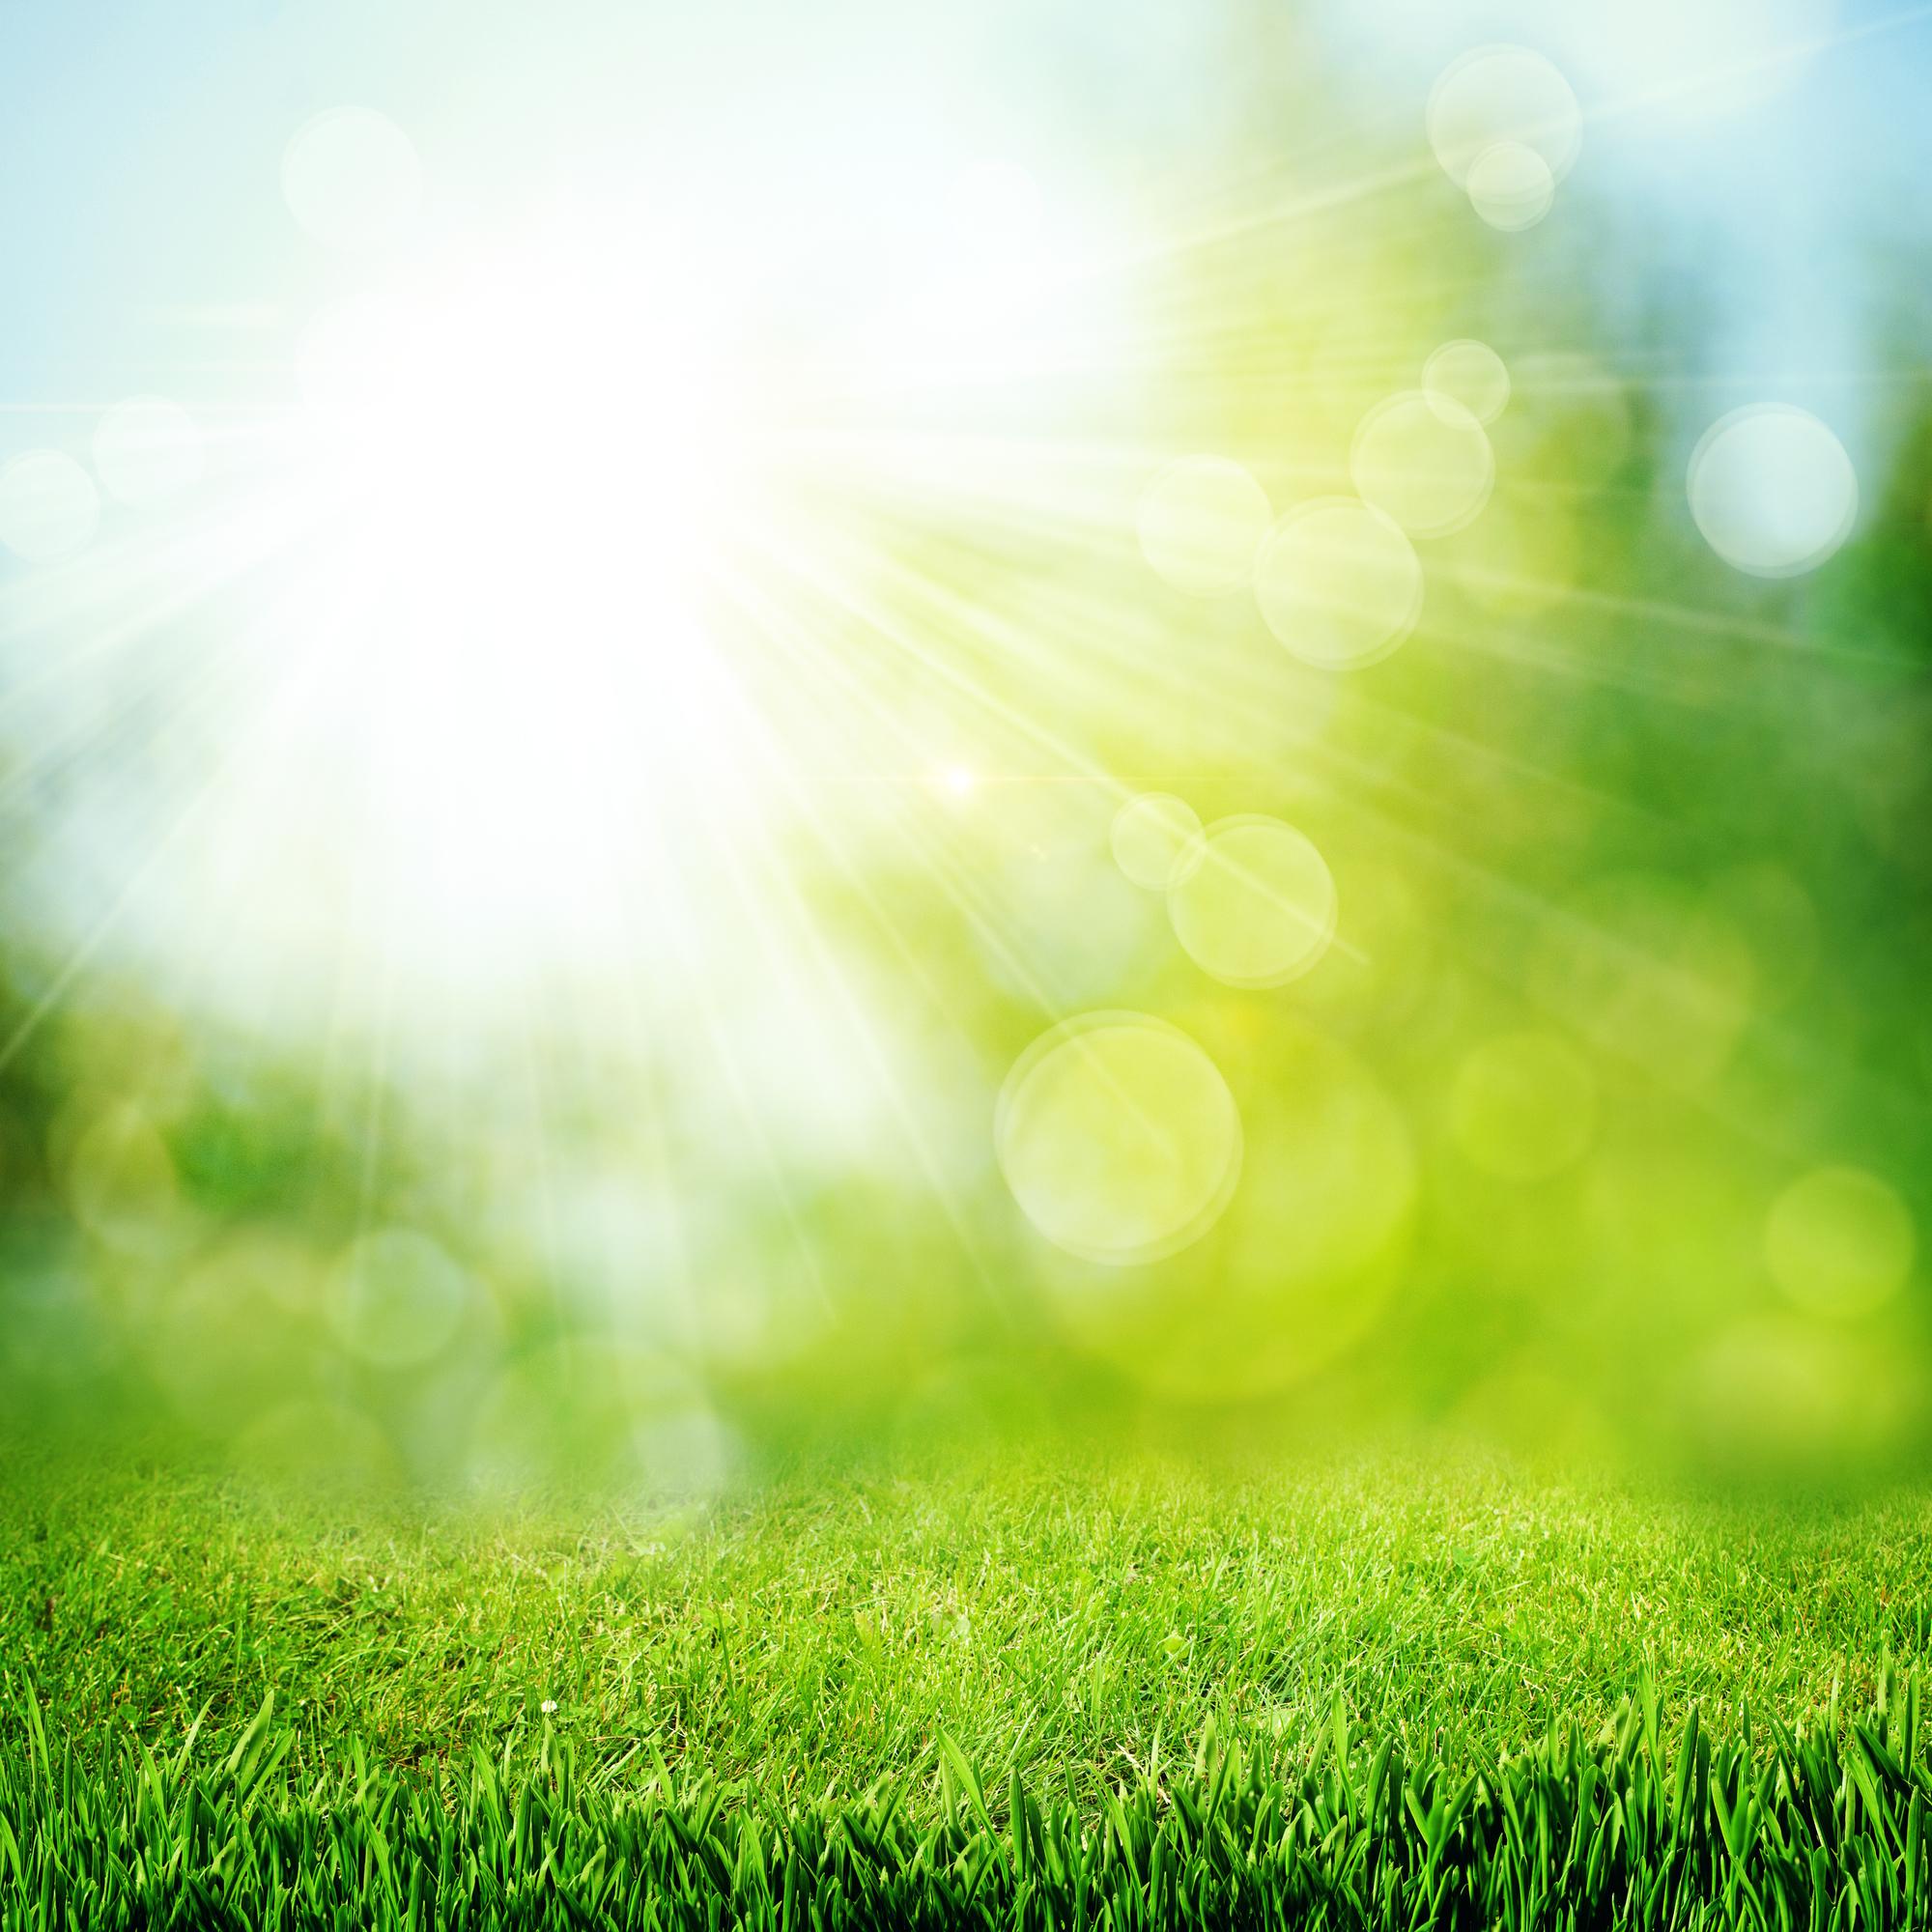 Greener Grass by Erin Hanson